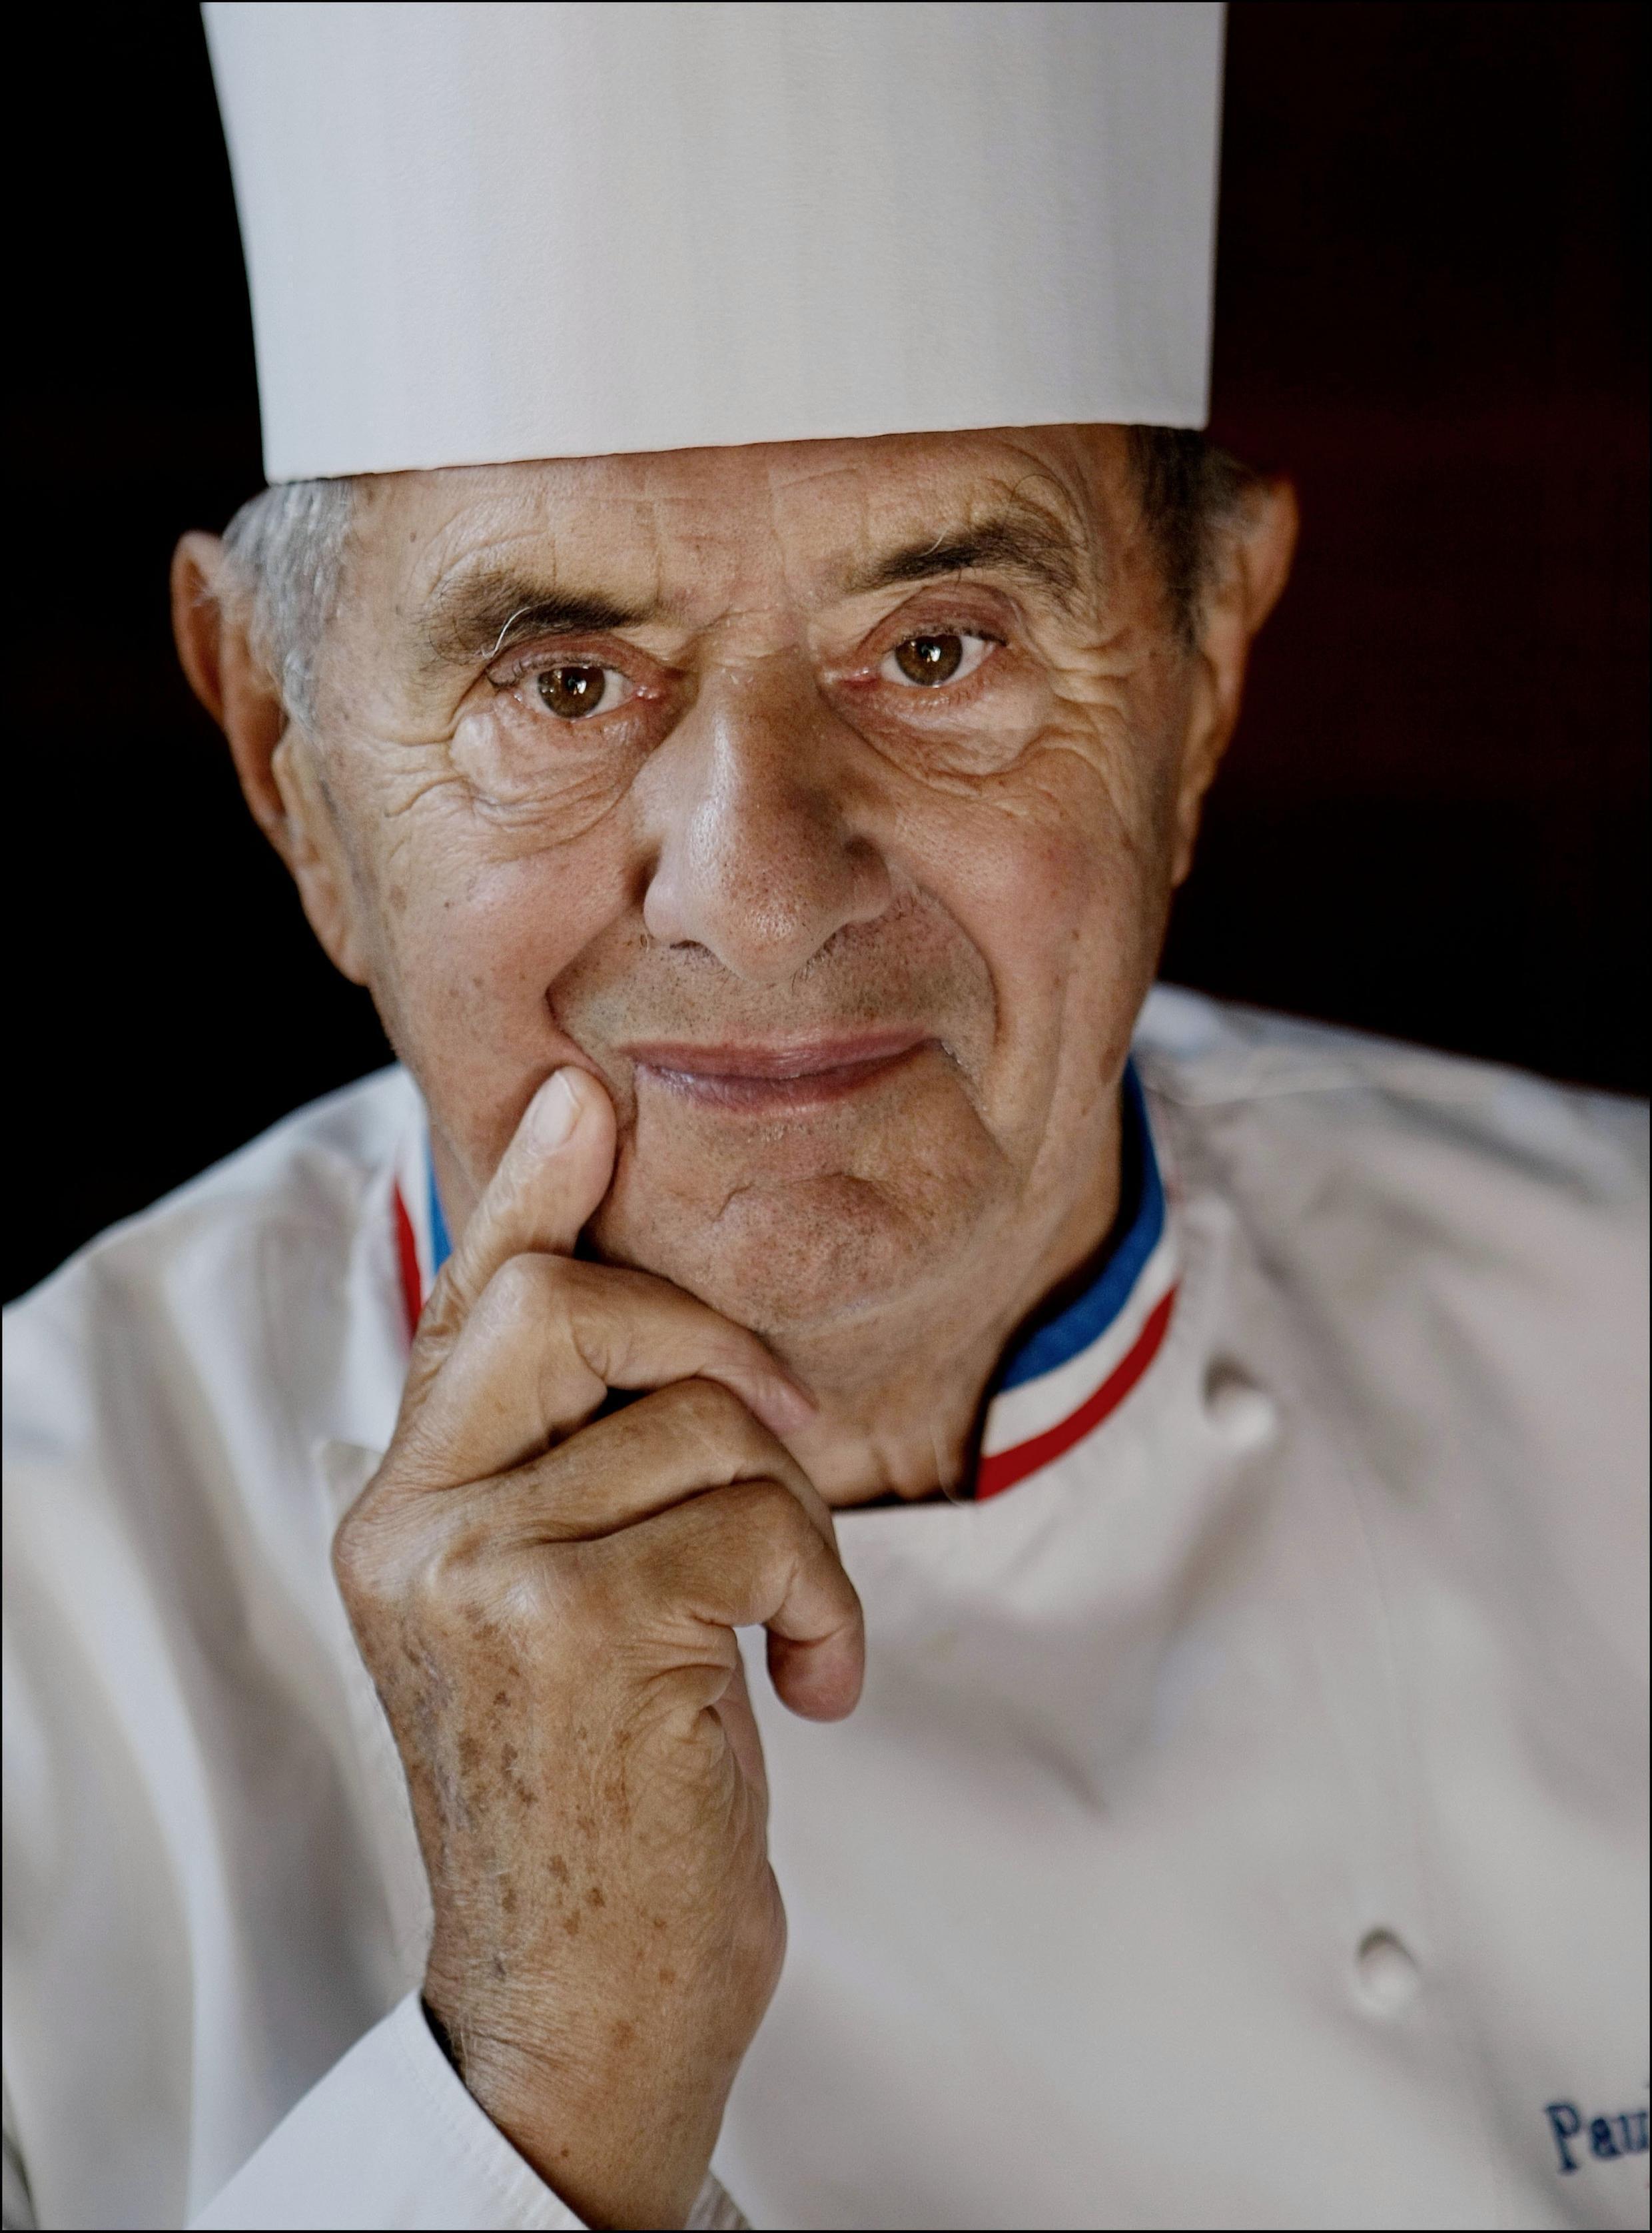 Chef reconnu dans le monde entier, considéré par beaucoup comme le «cuisinier du siècle», titre qu'il remporte en 1989 et comme « chef cuisinier du siècle » qu'il obtient en 2011. Paul Bocuse est décédé le 20 janvier 2018, à l'âge de 91 ans.